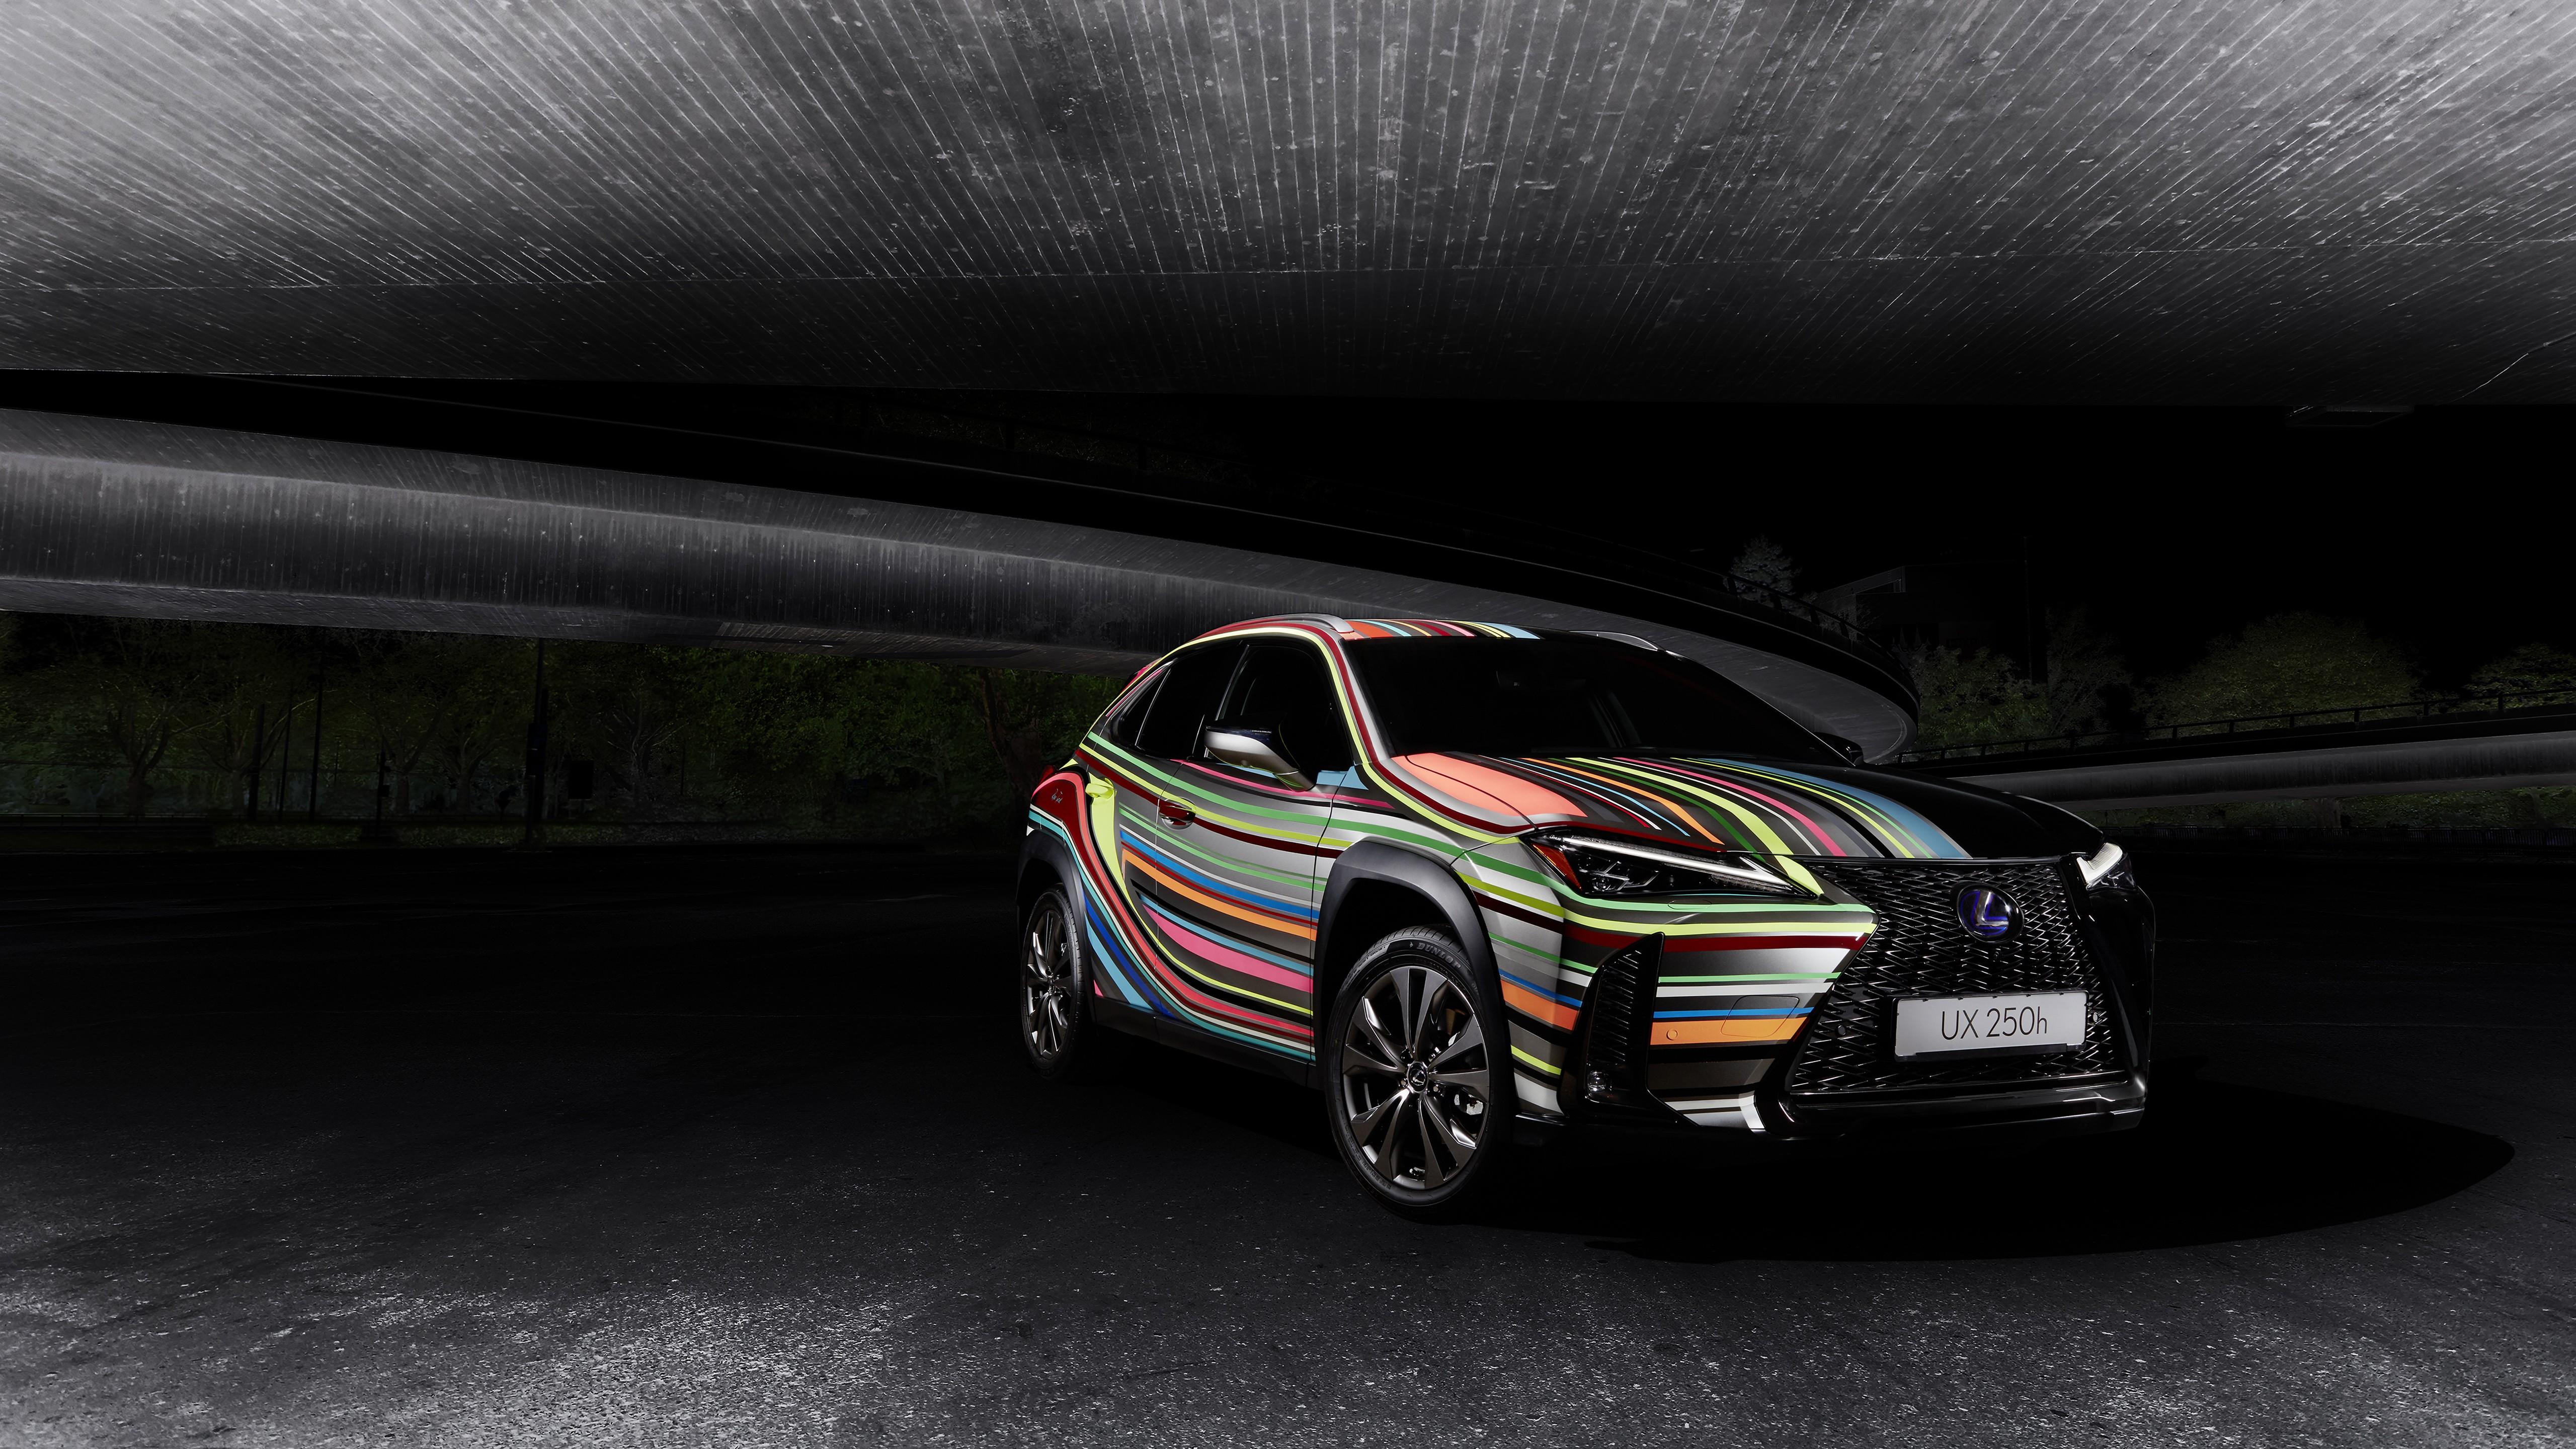 Lexus Ux 250h F Sport By Rene Turrek 2019 5k Wallpaper Hd Car Wallpapers Id 12650